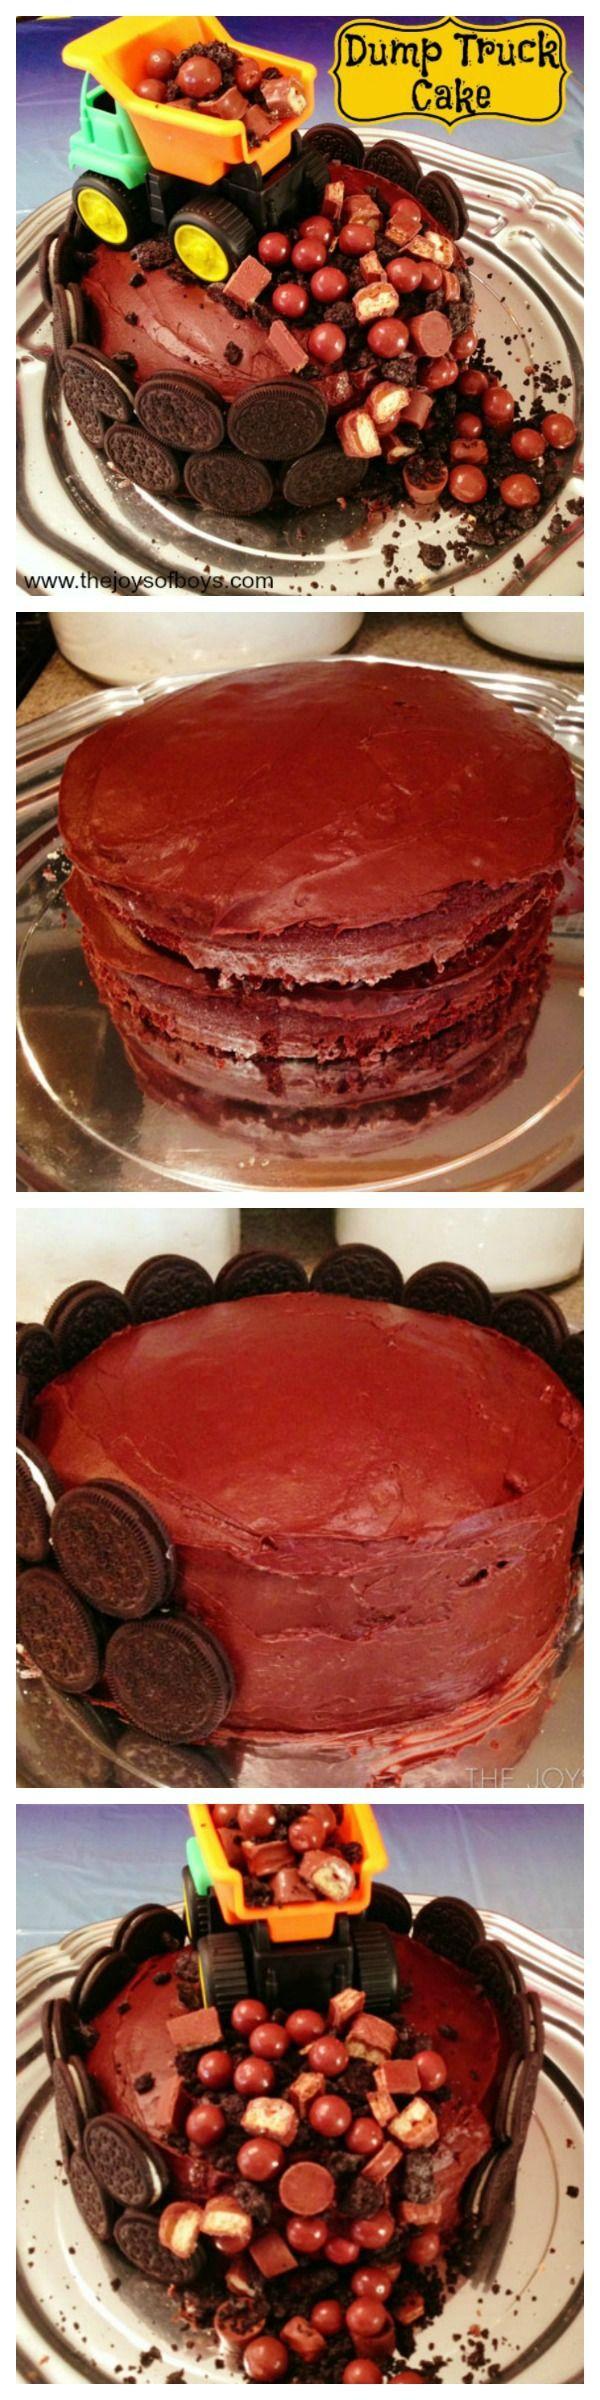 Easy Dump Truck Cake | Birthday Cake for boys